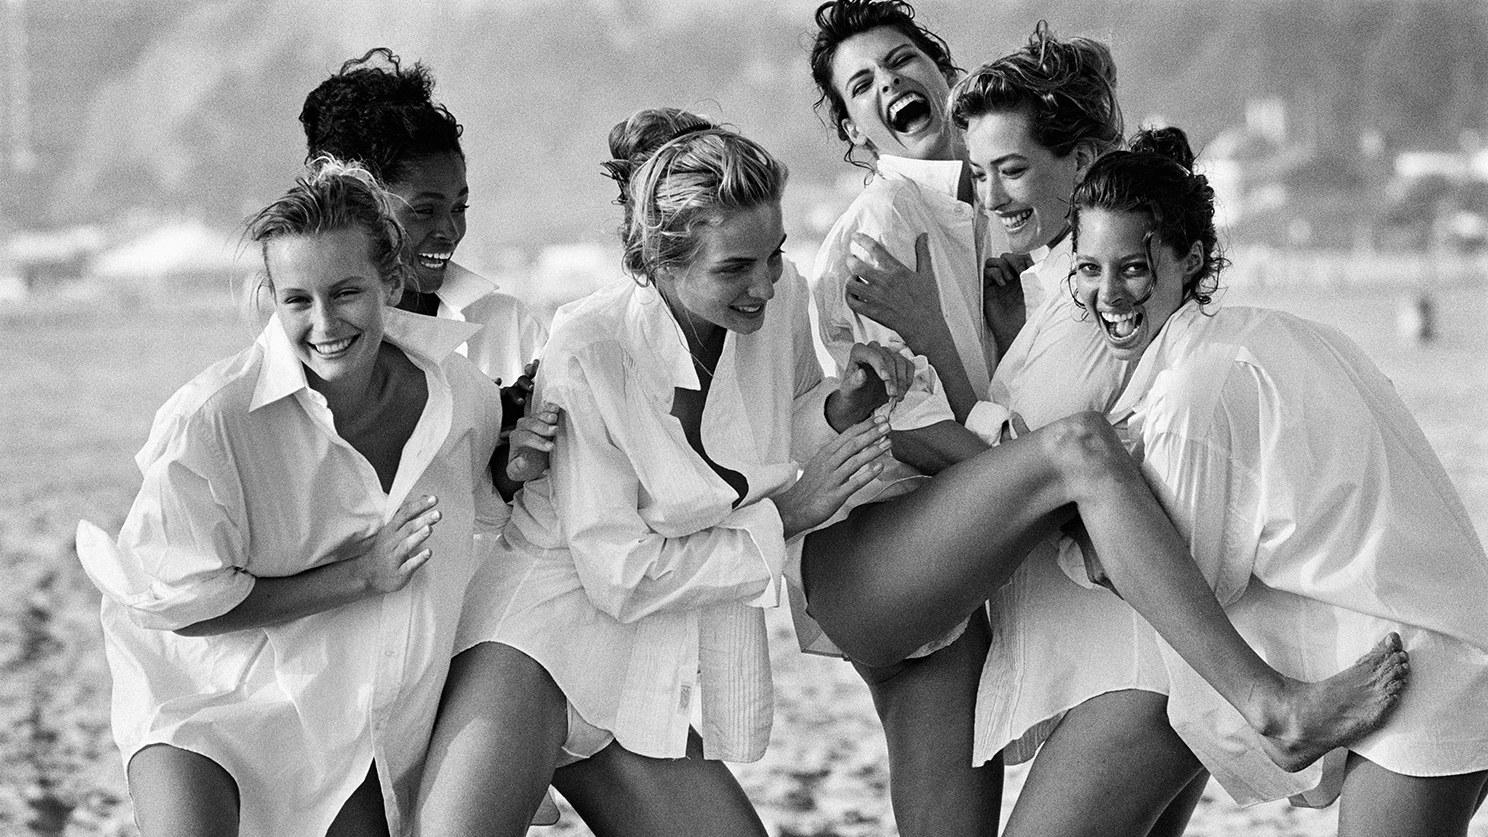 Peter Lindbergh's Supermodels am Strand in weißen Hemden schwarz/weiß